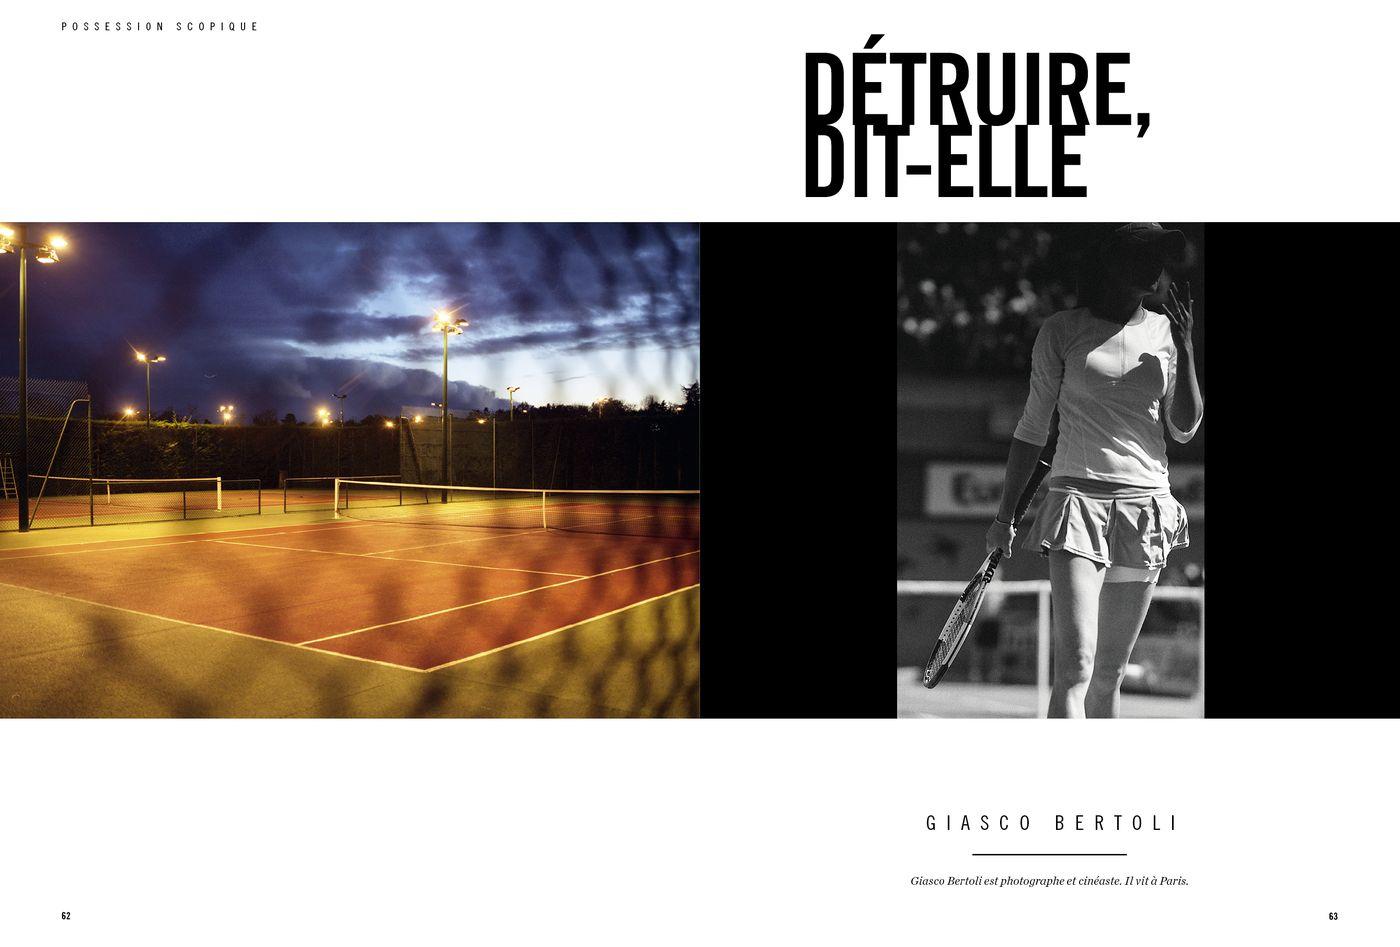 Possession Immédiate Volume 5 - Photographies de Giasco Bertoli, Détruire dit-elle